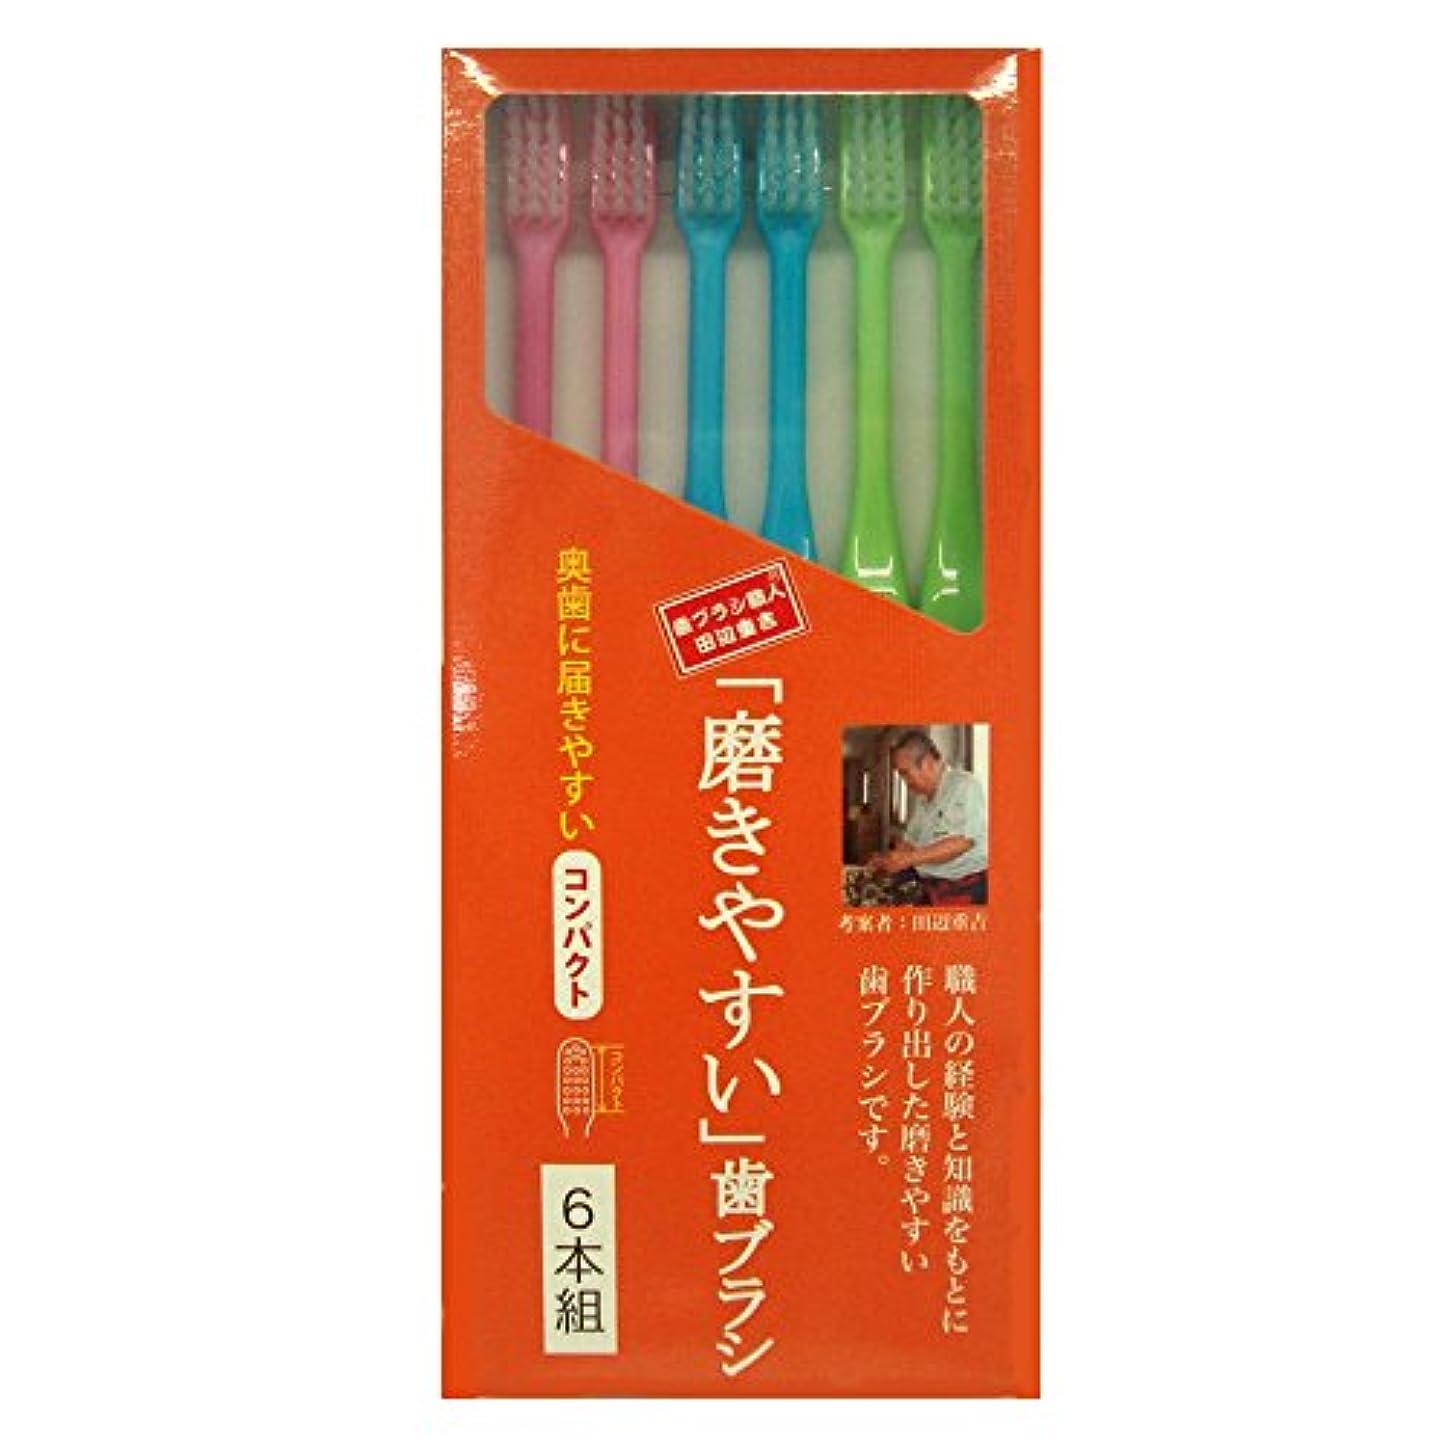 日没ホステル欠伸磨きやすい歯ブラシ 6本組 コンパクトタイプ